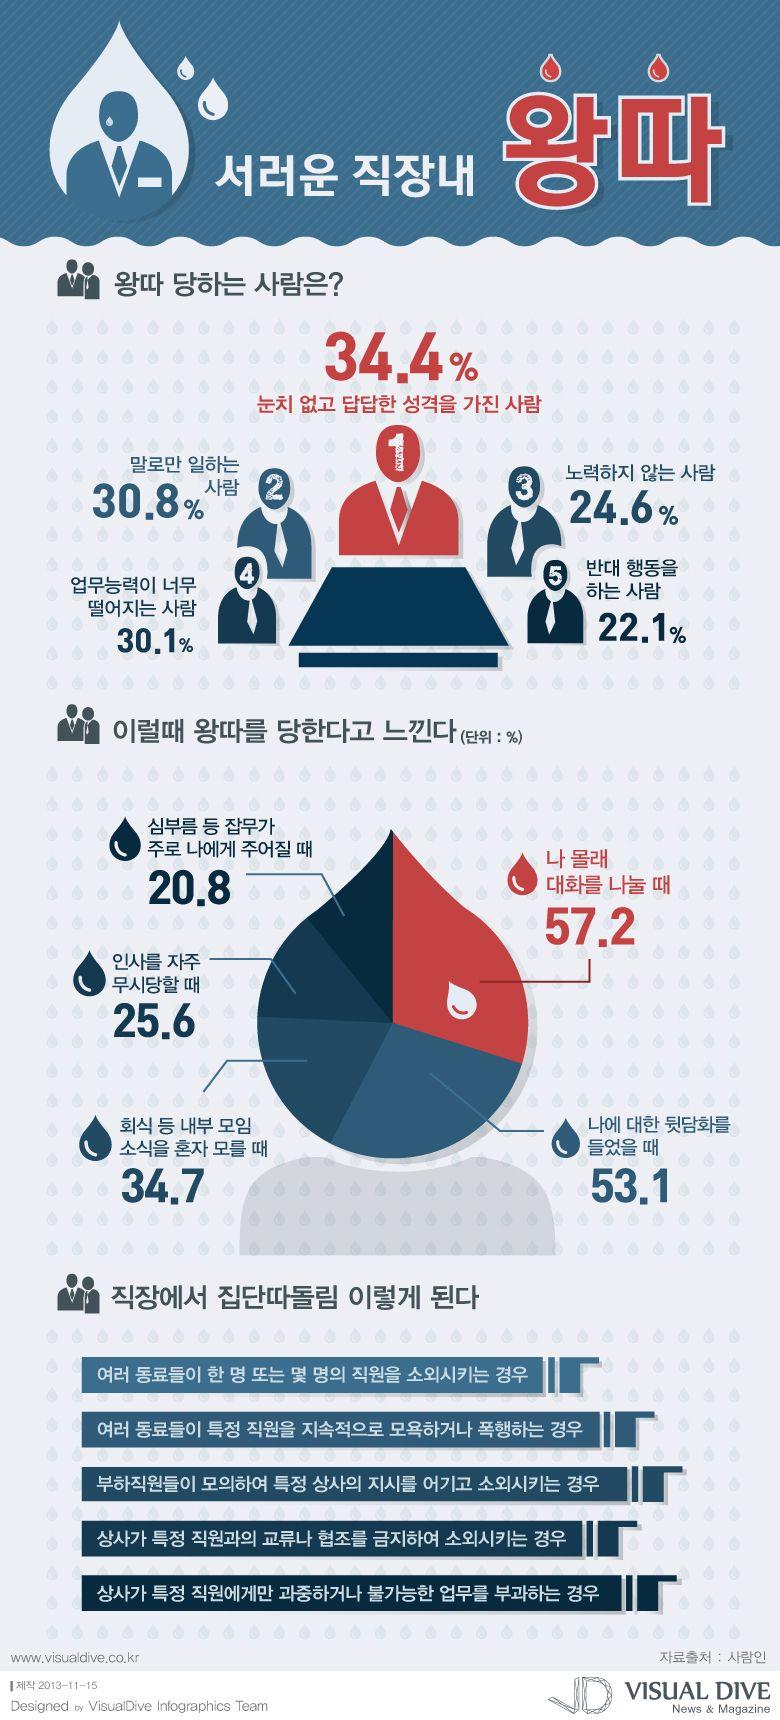 """[인포그래픽] 직장 내 왕따, 이럴 때 느껴 1위 """"나 몰래 대화 나눌 때"""" #job / #Infographic"""" ⓒ 비주얼다이브 무단 복사·전재·재배포 금지"""